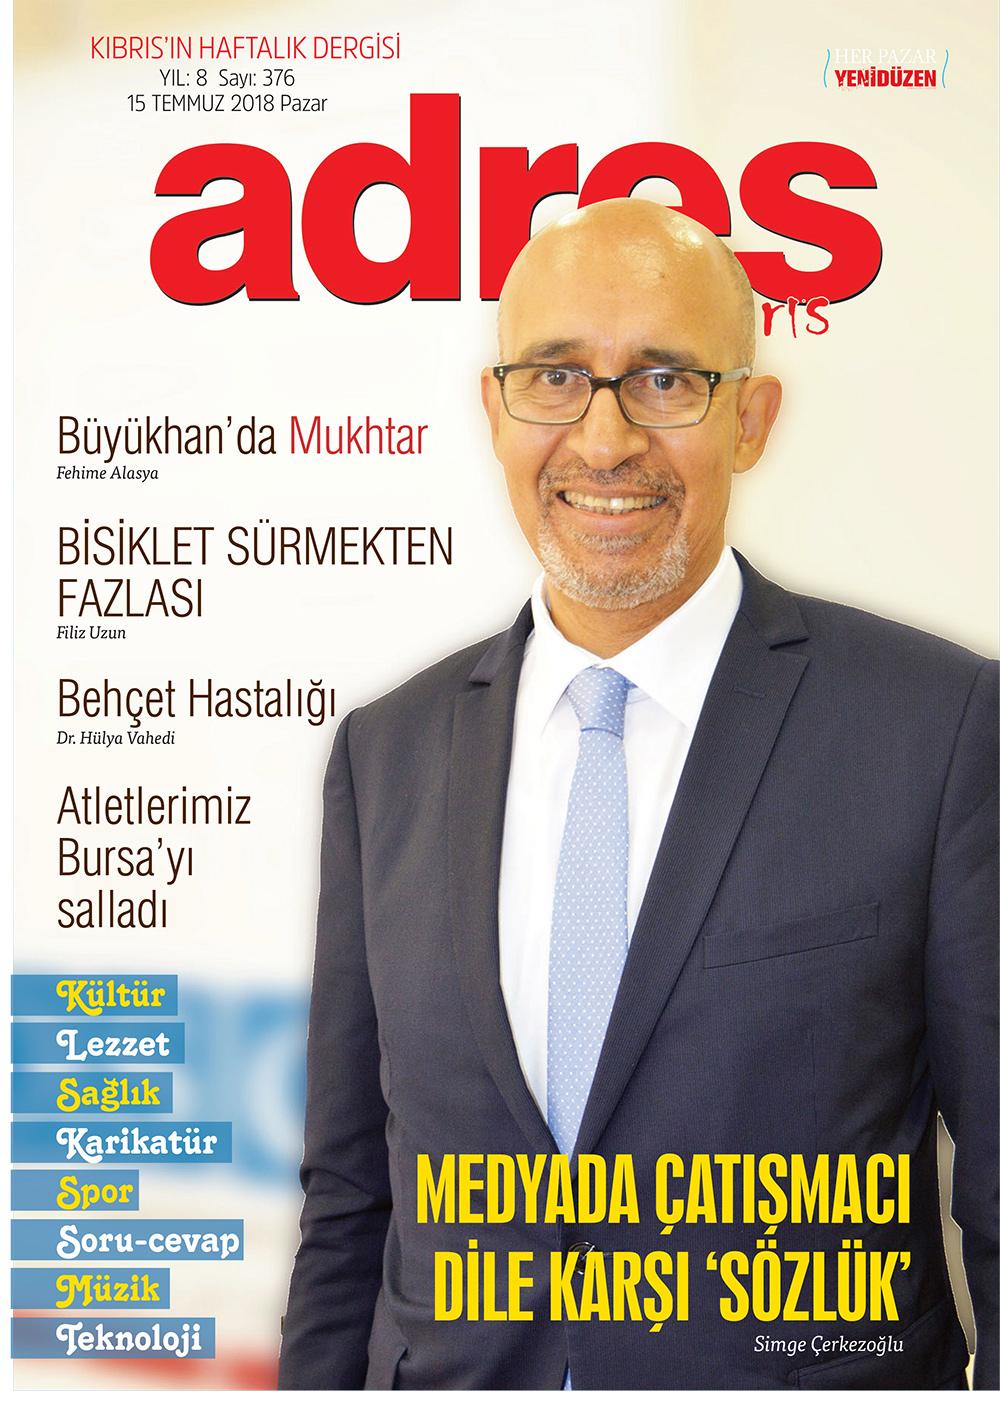 Adres Kıbrıs 376 Sayısı